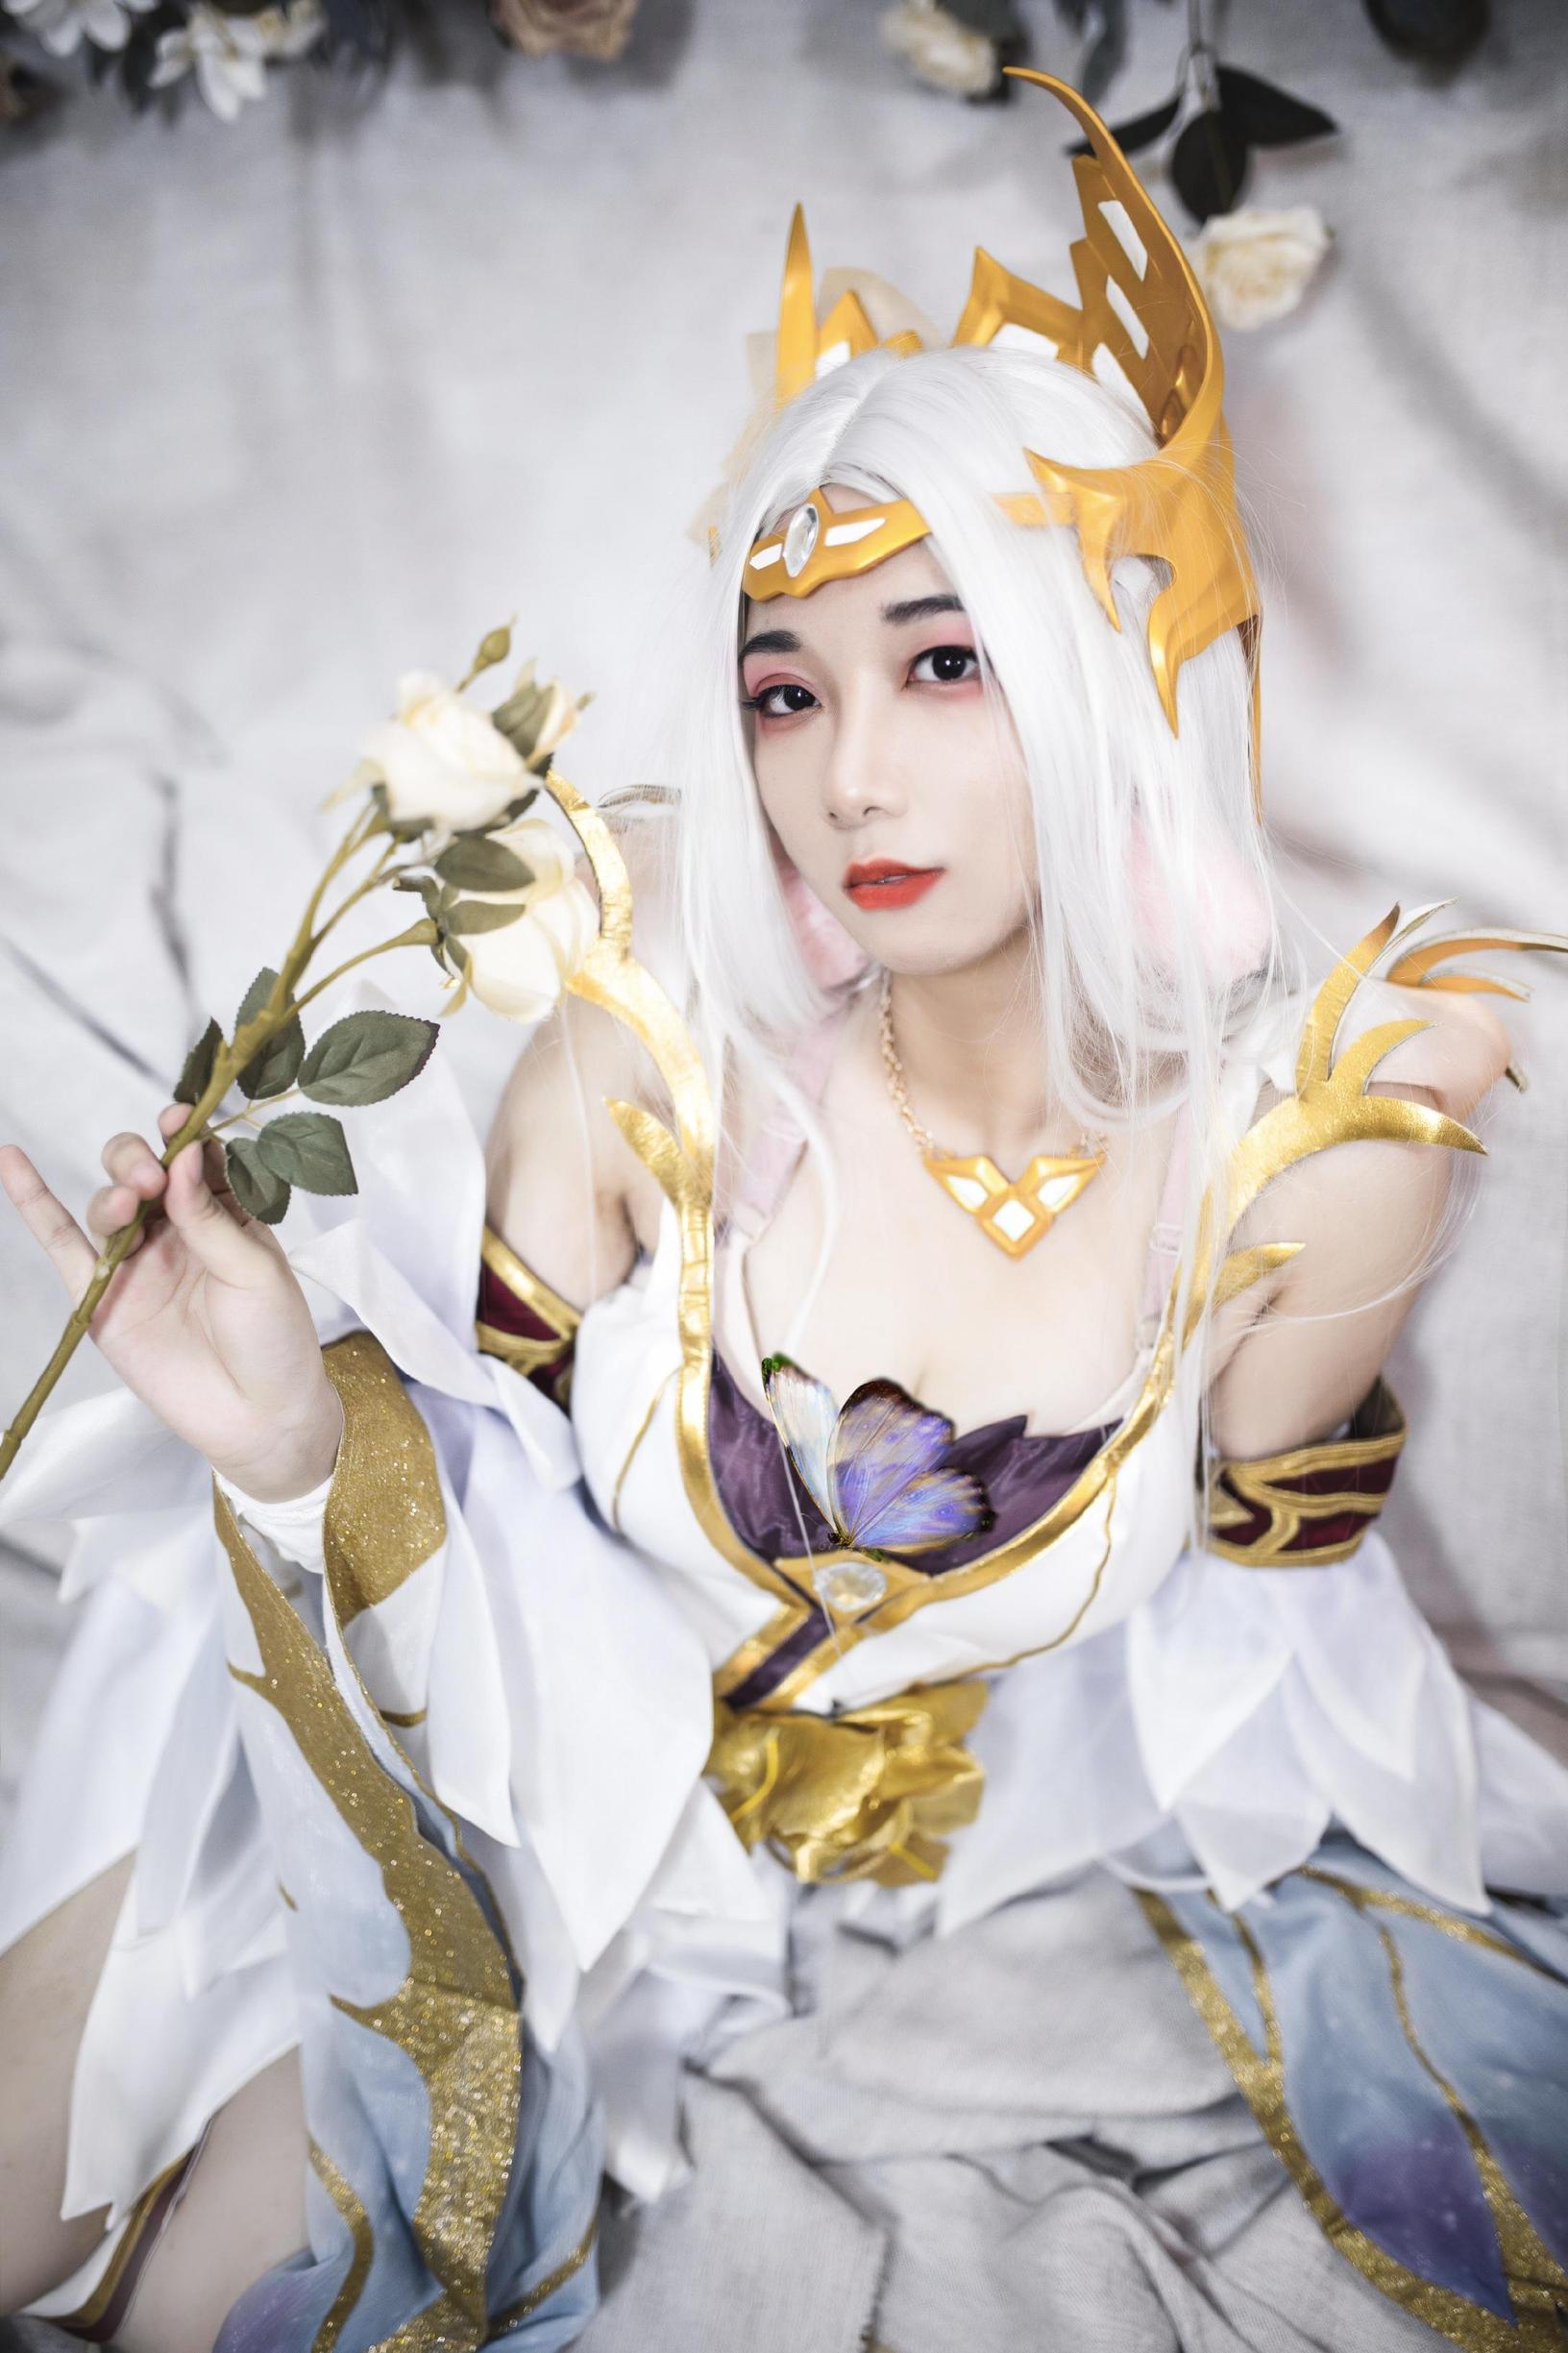 《王者荣耀》王者荣耀貂蝉cosplay【CN:阿音mew】-第6张